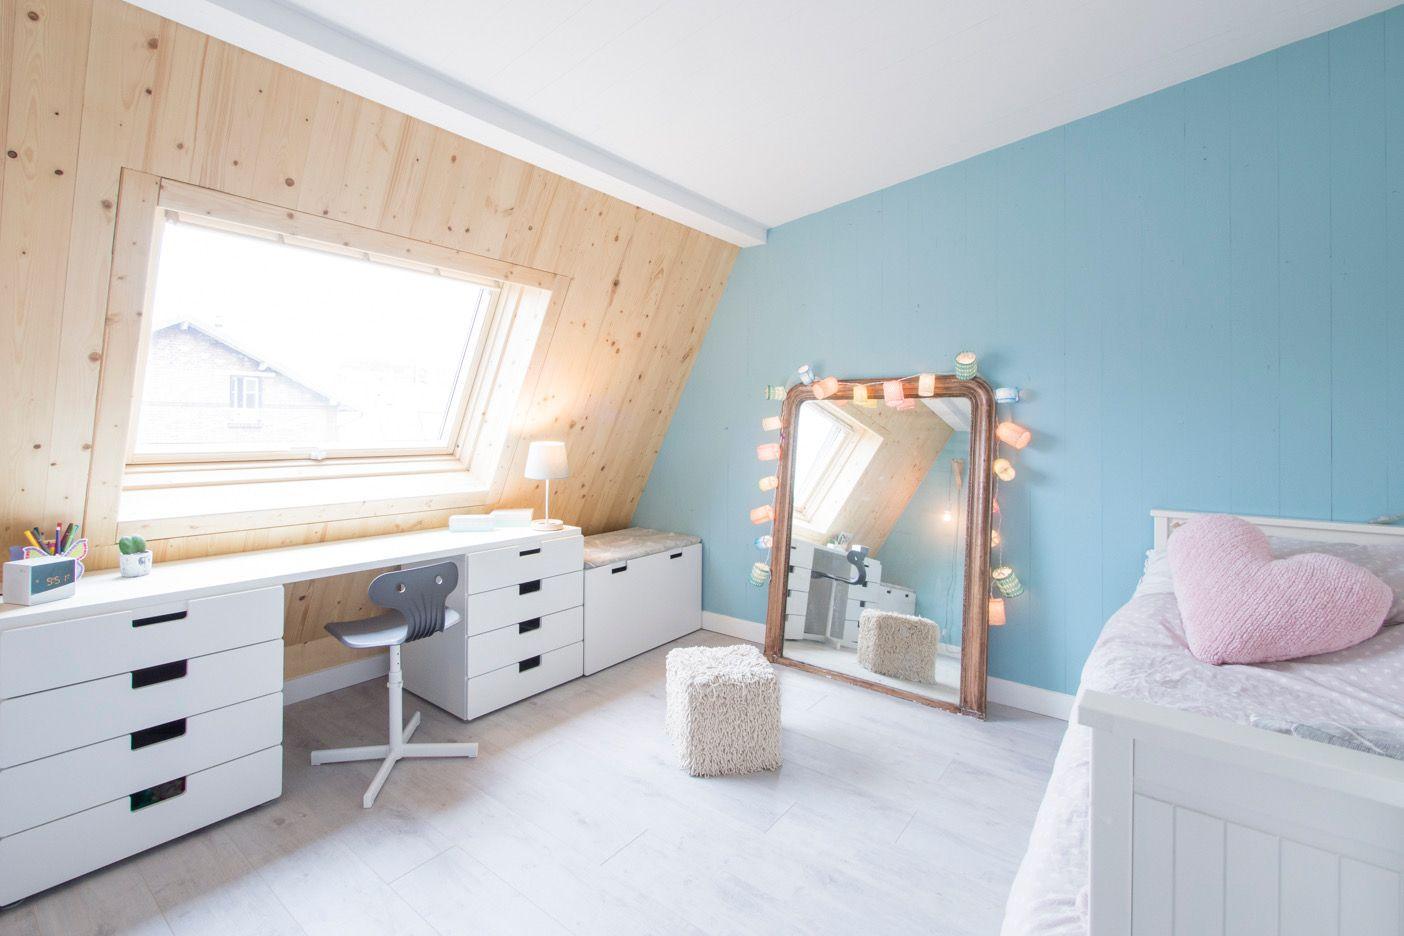 Chambre fille couleur pastel et bois   Dedans   Pinterest